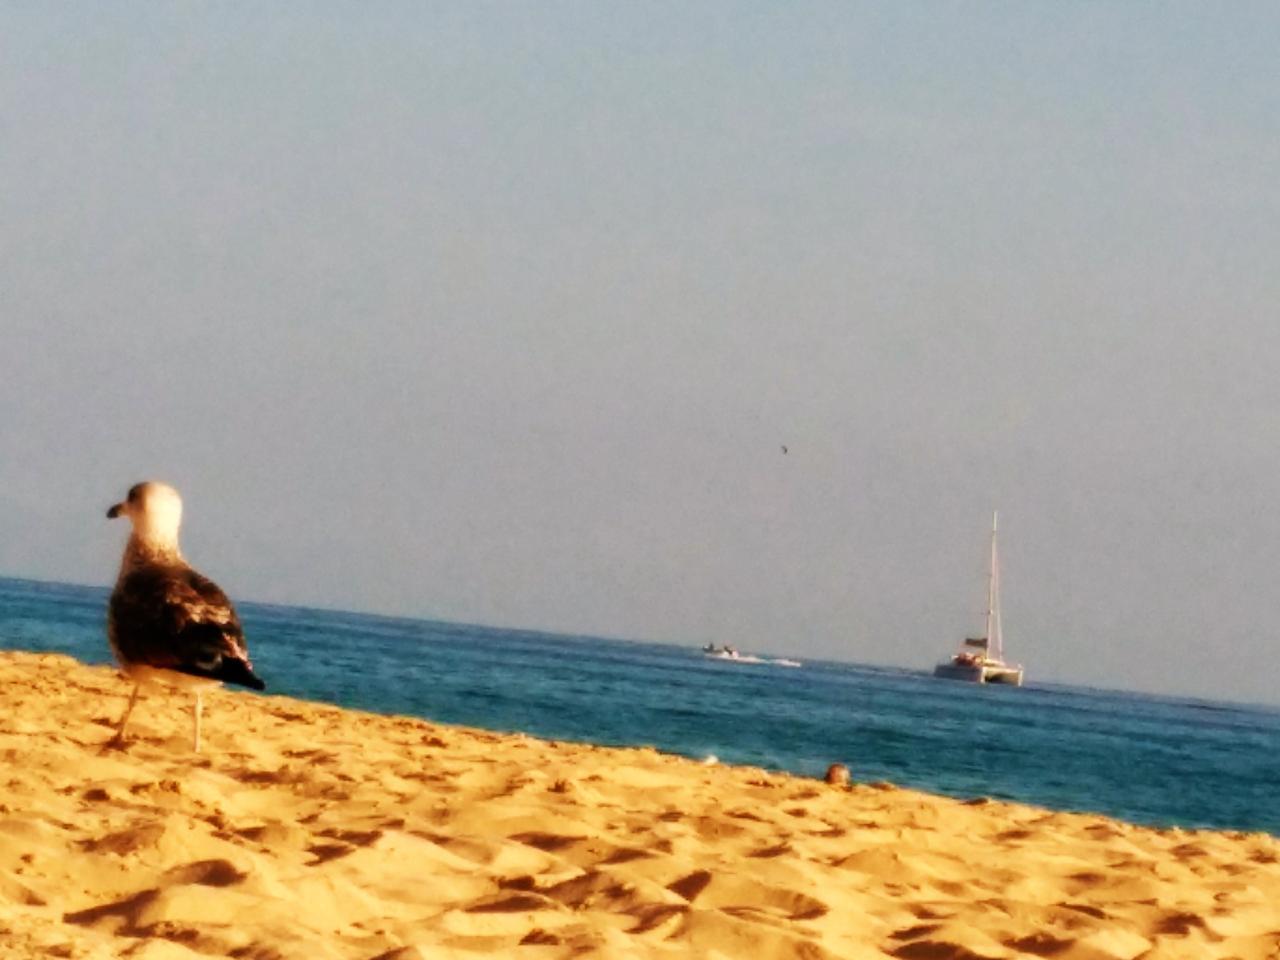 Ferienwohnung Apartment 2 / 4p am Strand und mit allen Dienstleistungen, mit Meerblick, Swimmingpools, a (487787), Morro Jable, Fuerteventura, Kanarische Inseln, Spanien, Bild 25